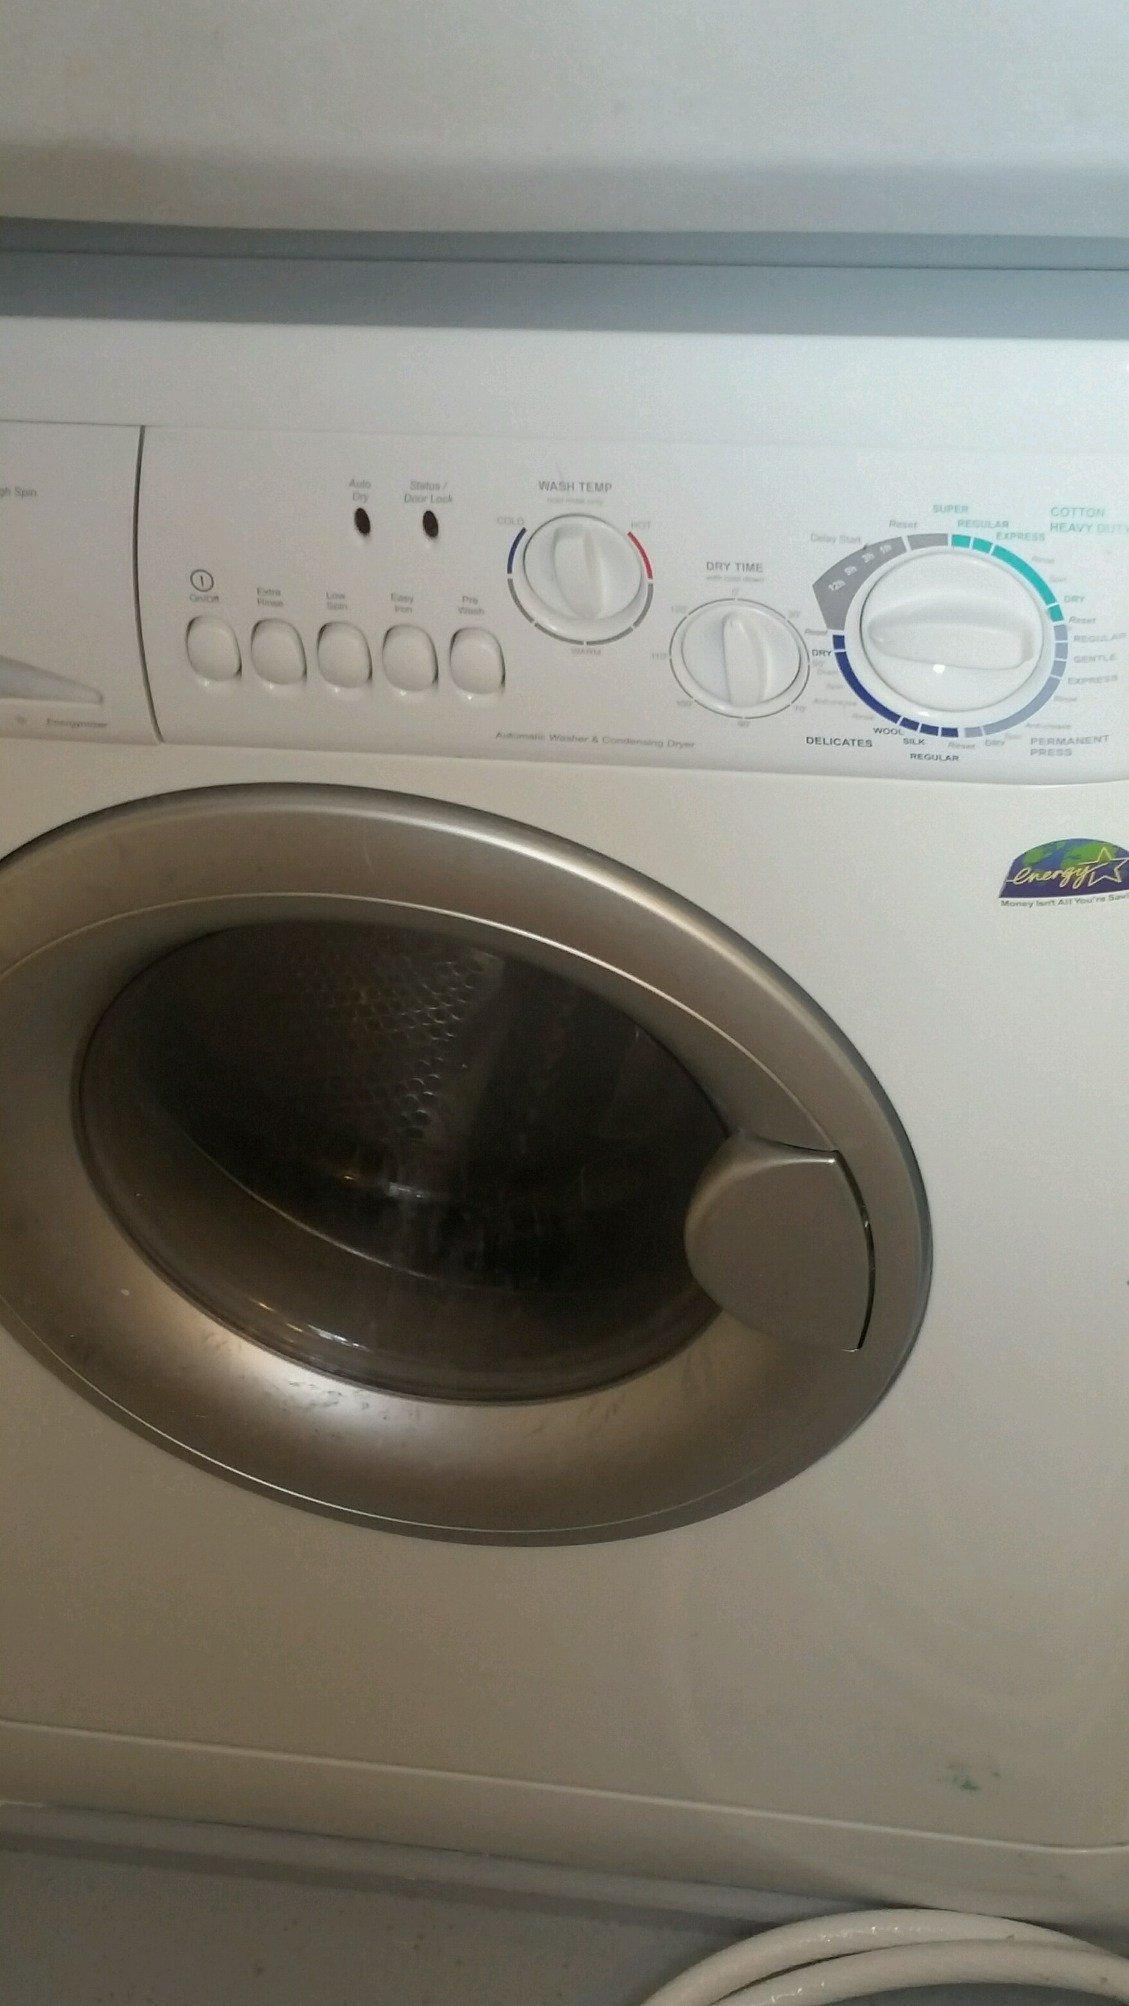 Baia Flash Washer/drier